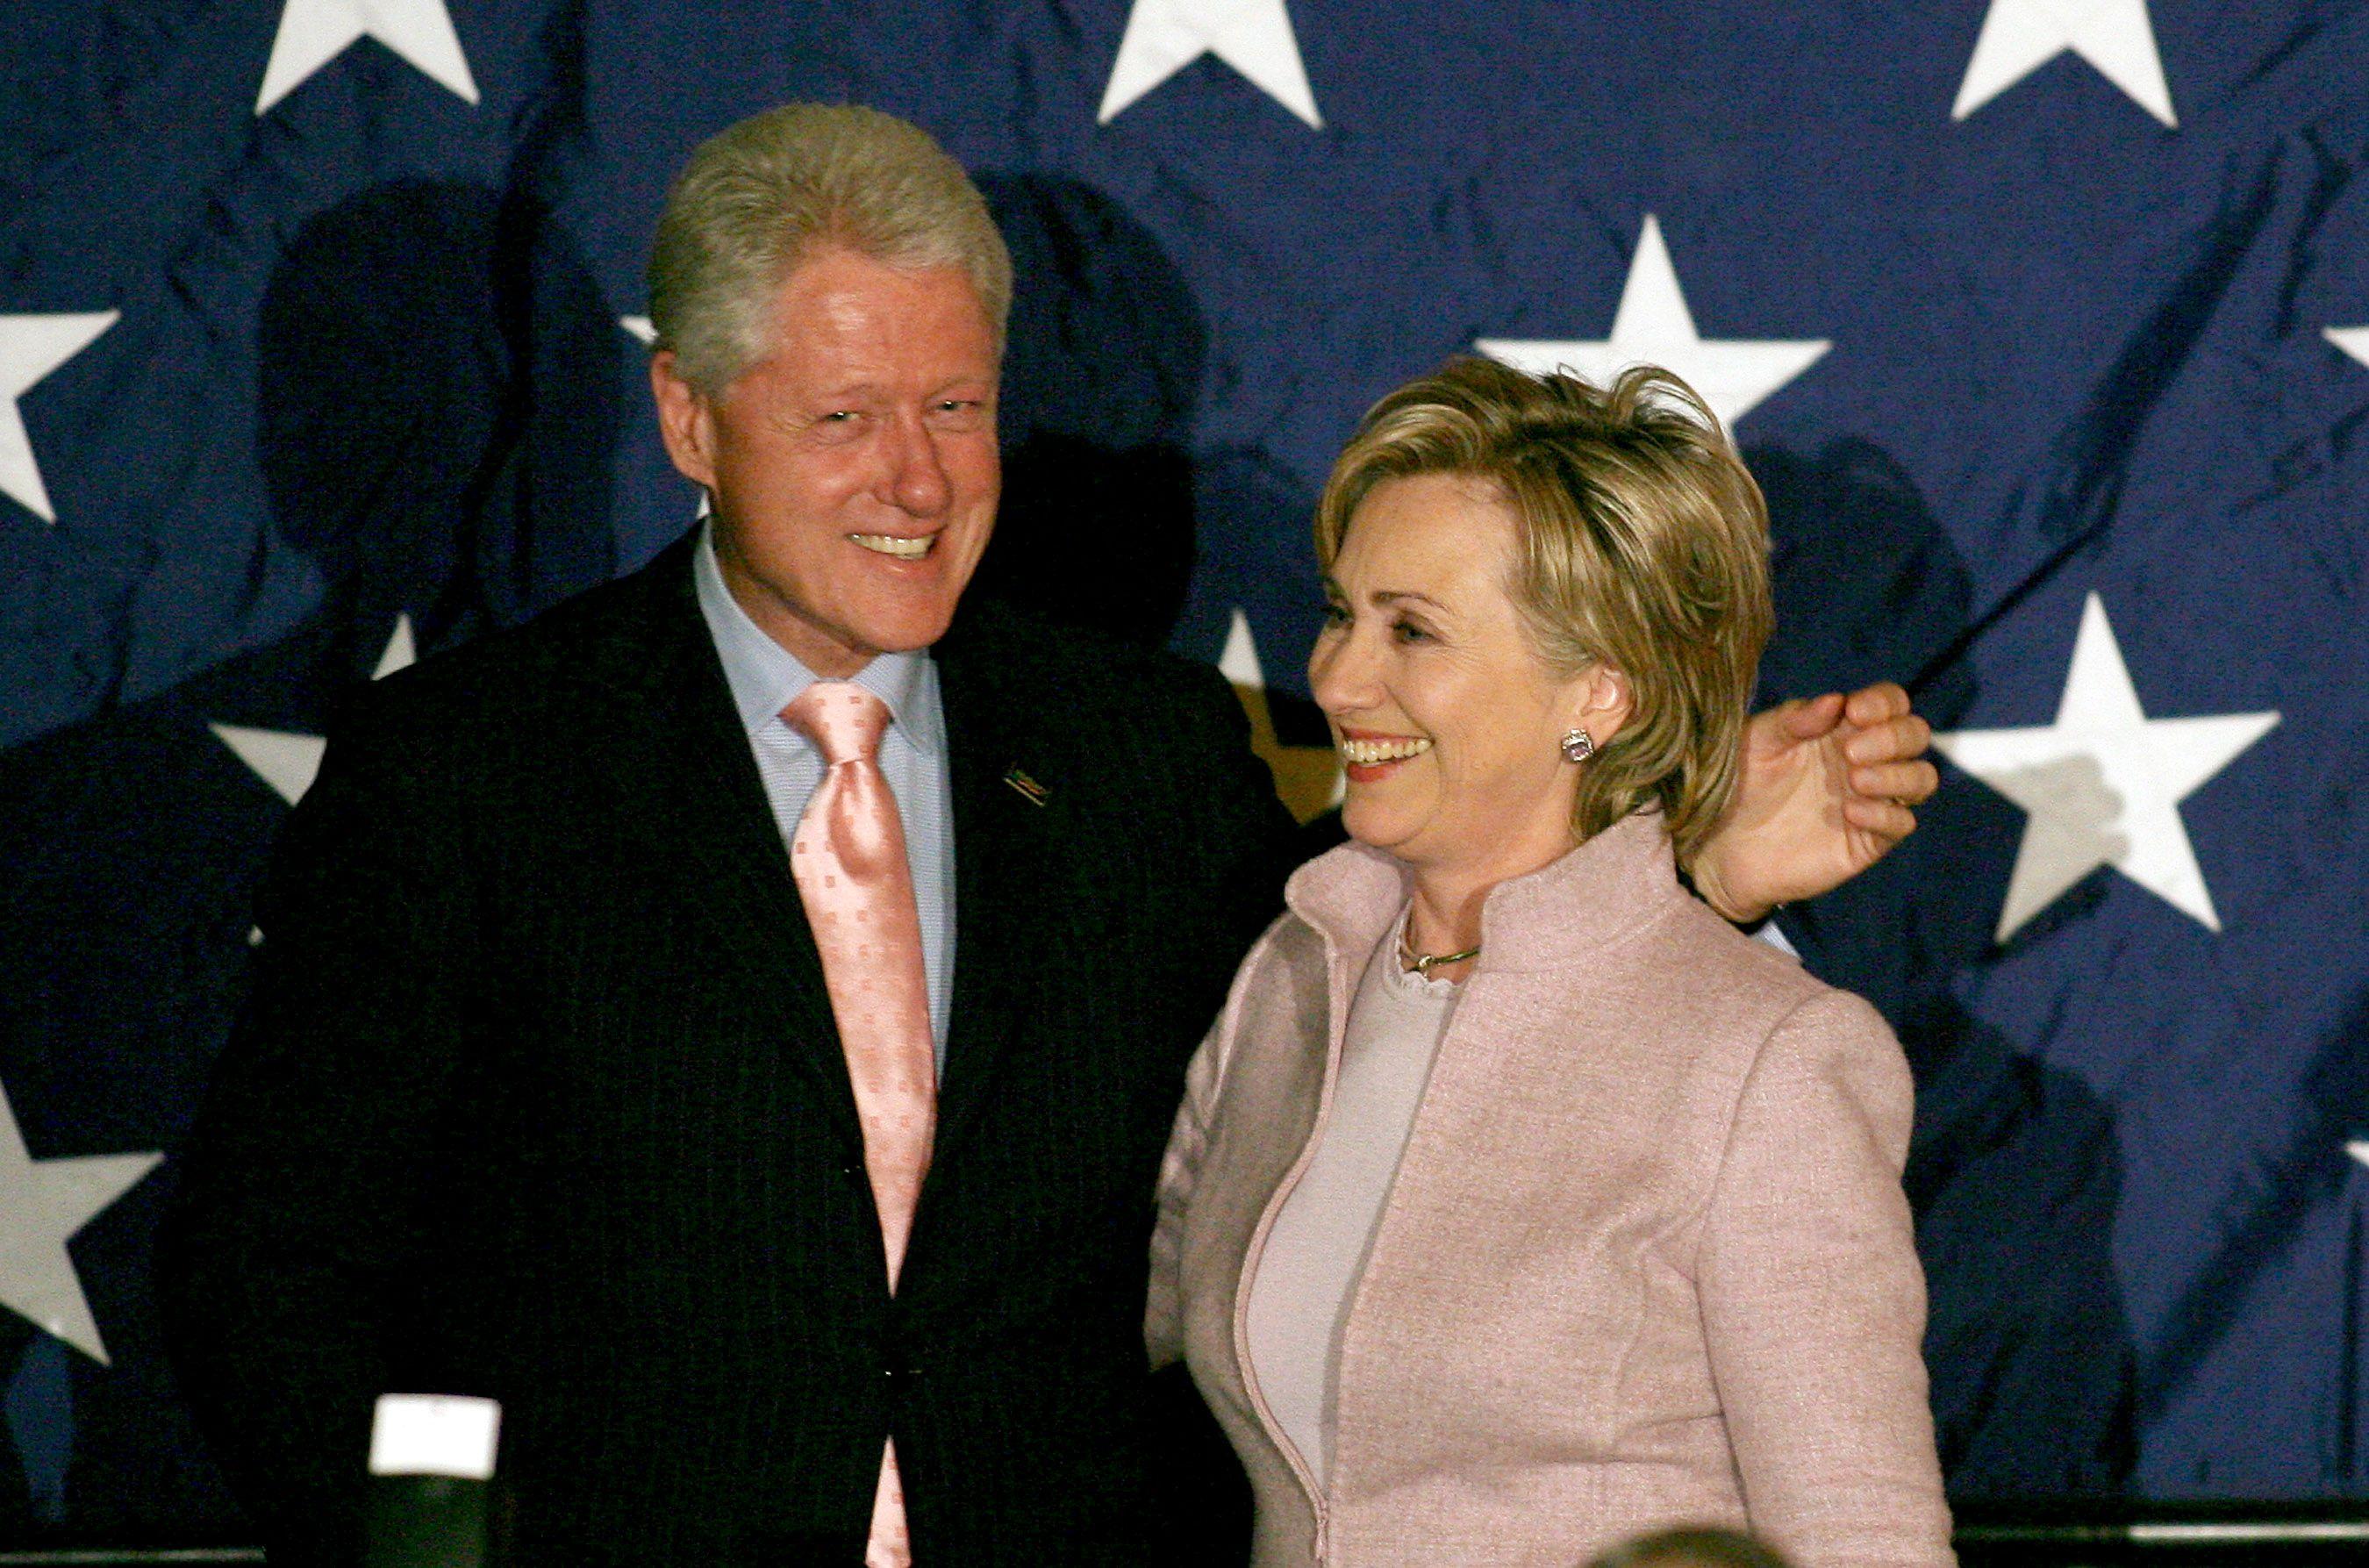 Pour Hillary Clinton, les problèmes de sa campagne étaient liés au scandale concernant son utilisation d'un serveur privé d'emails. Pour Bill Clinton, le problème était plus profond et stratégique.